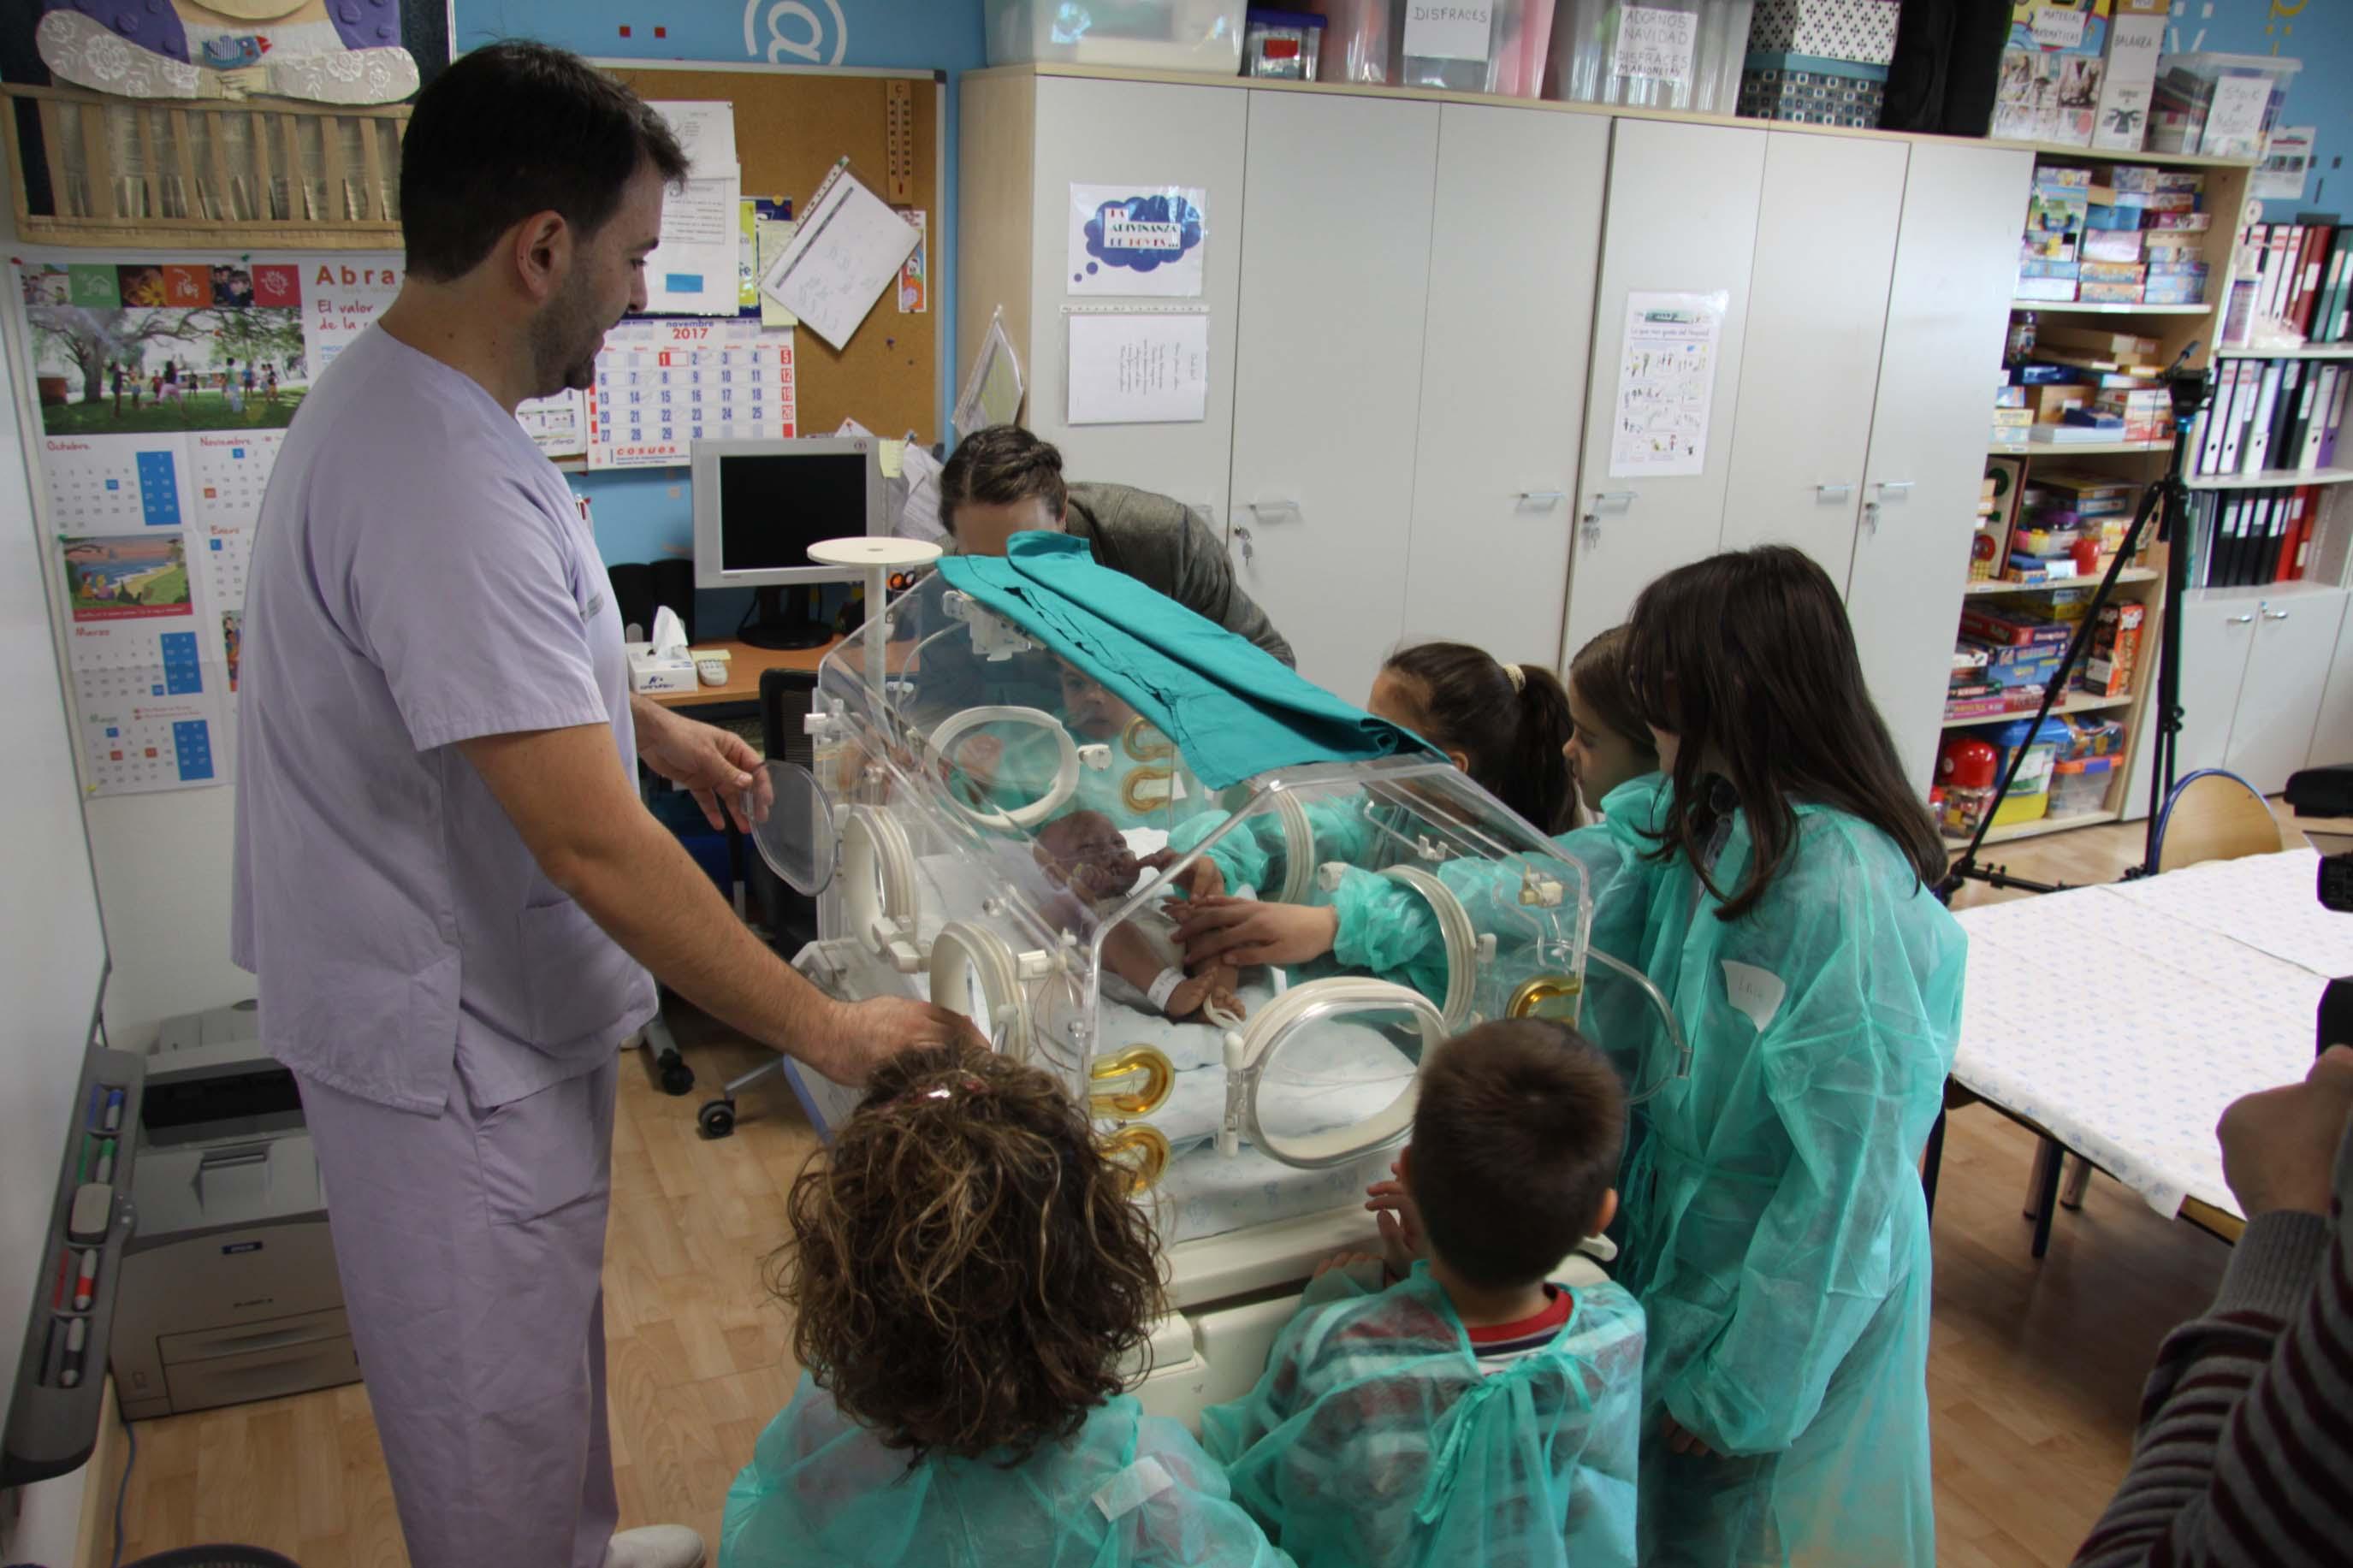 Enfermeras de La Fe desarrollan talleres para hermanos de neonatos ingresados